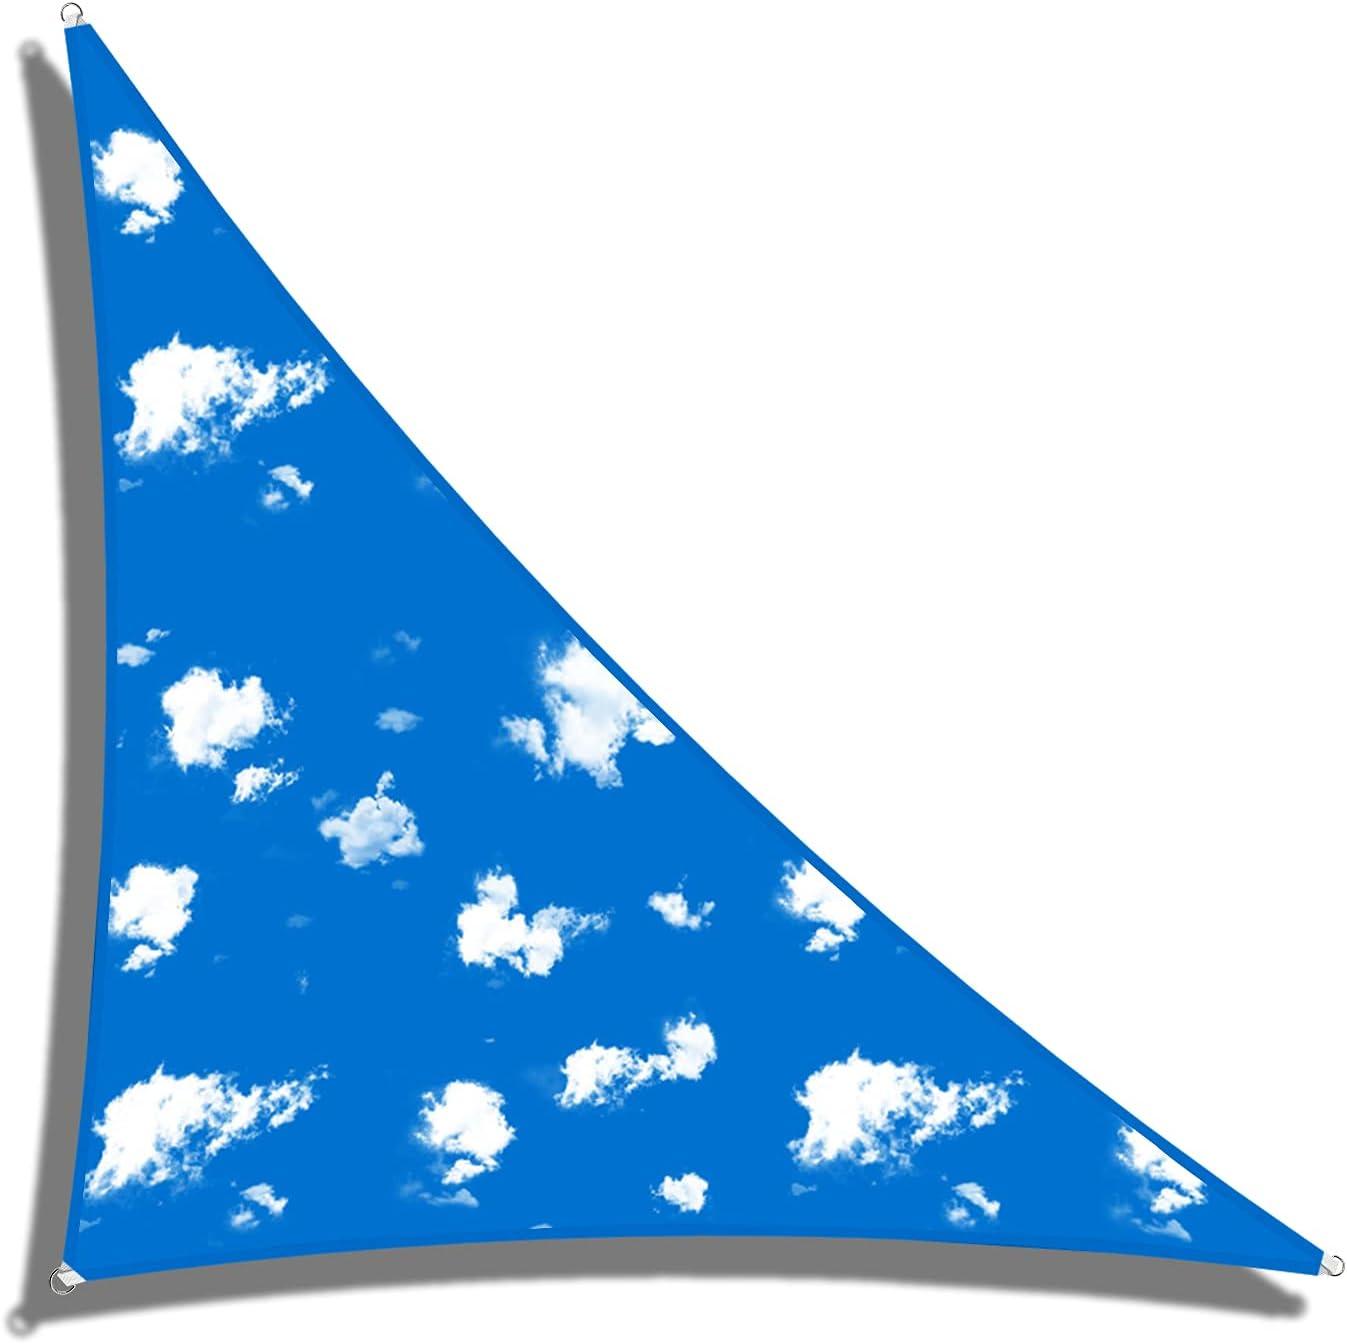 代引き不可 Coarbor 8' x 13' トレンド 15.3' Sun Shade Backyard for Patio Deck Sail